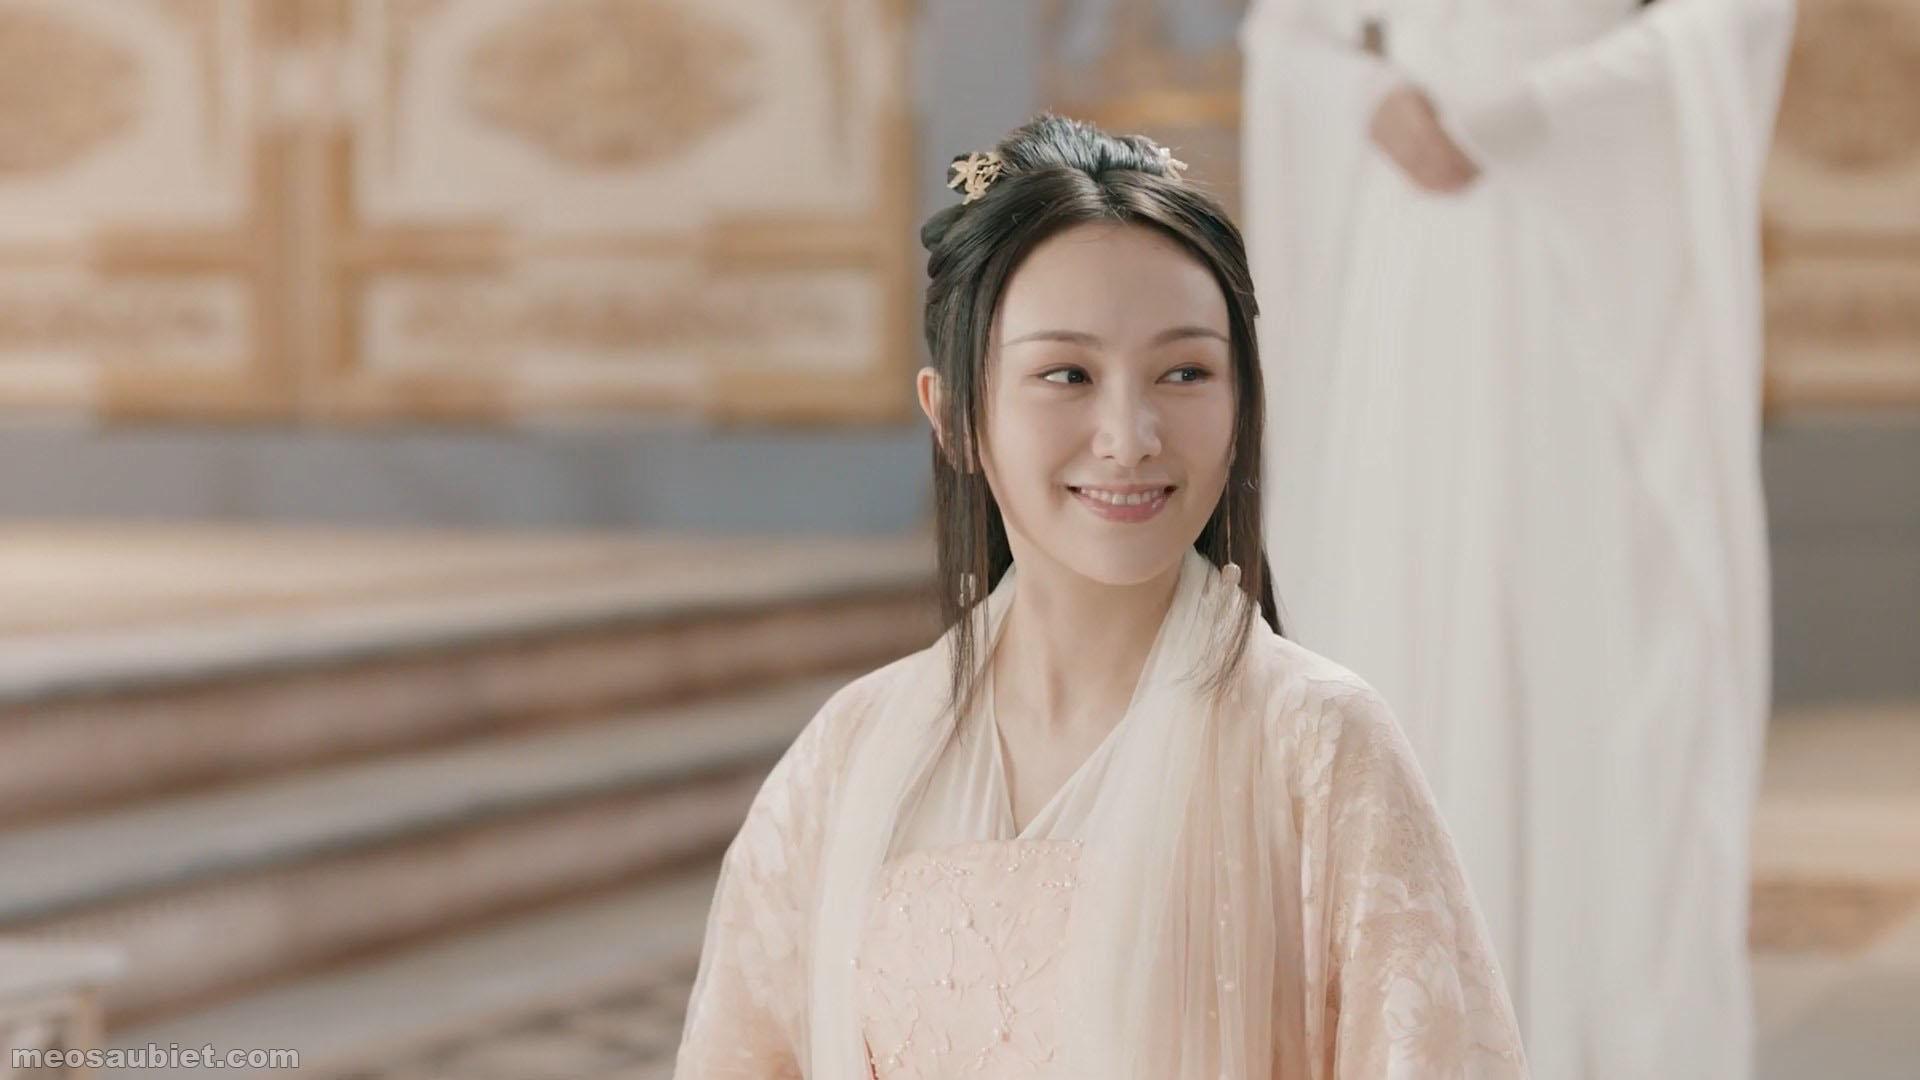 Tam sinh tam thế : Thần tịch duyên 2019 Lỗ Giai Ni trong vai Ngọc Lê